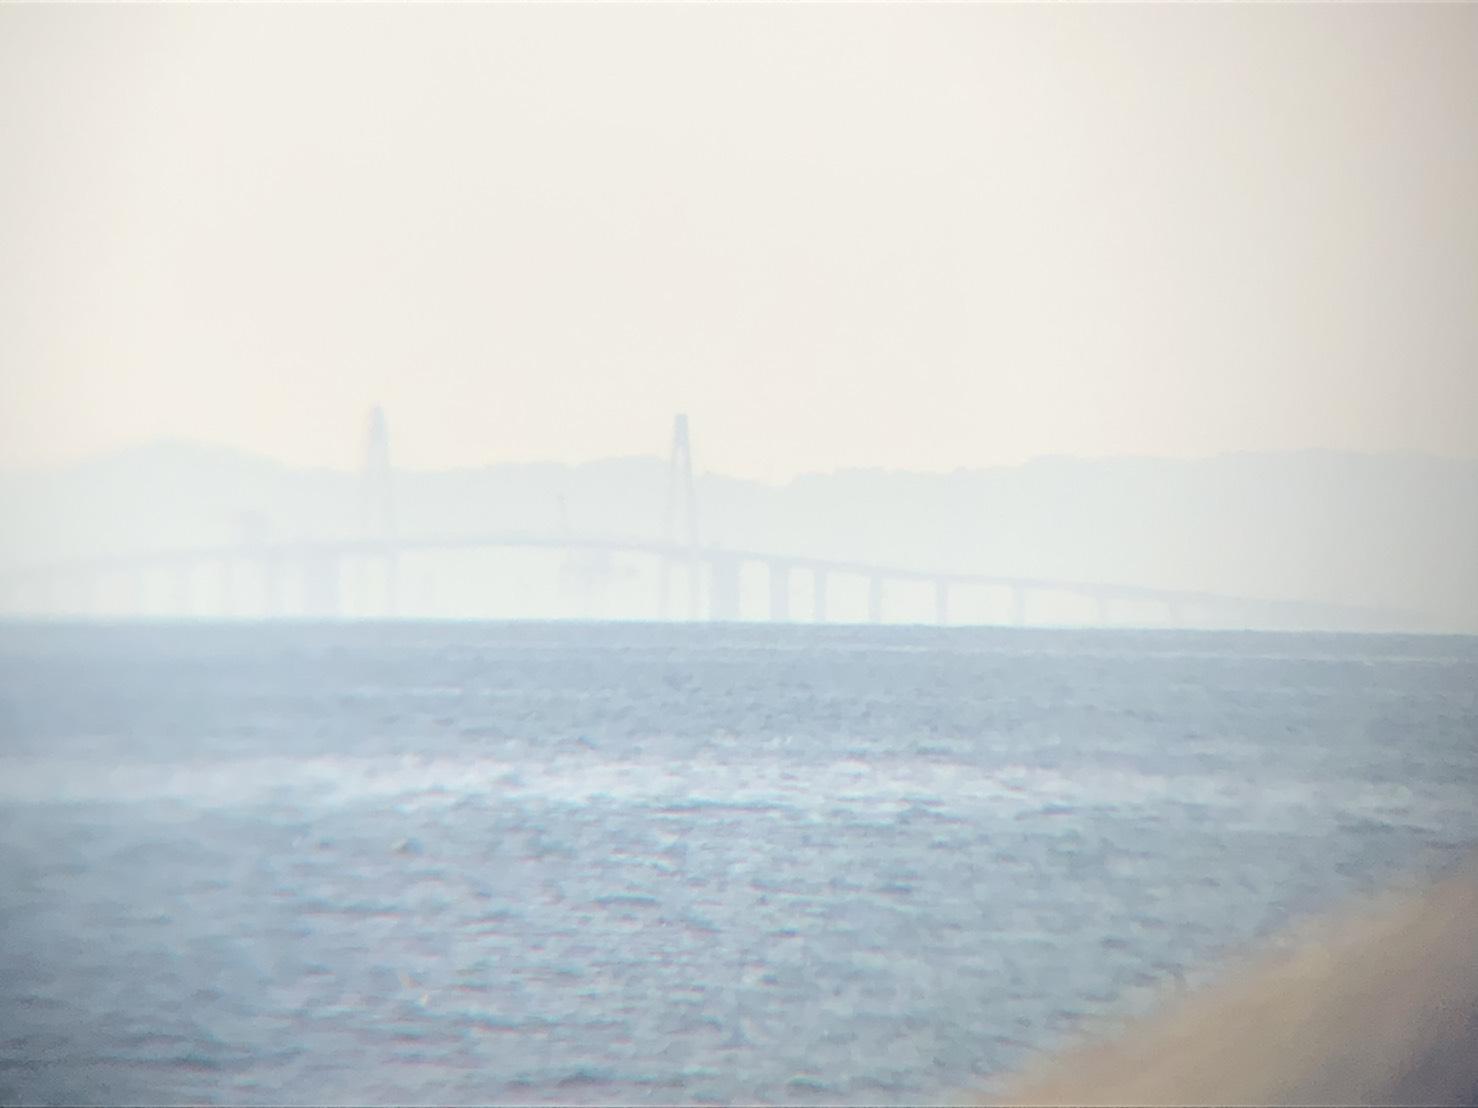 Bランク蜃気楼の写真